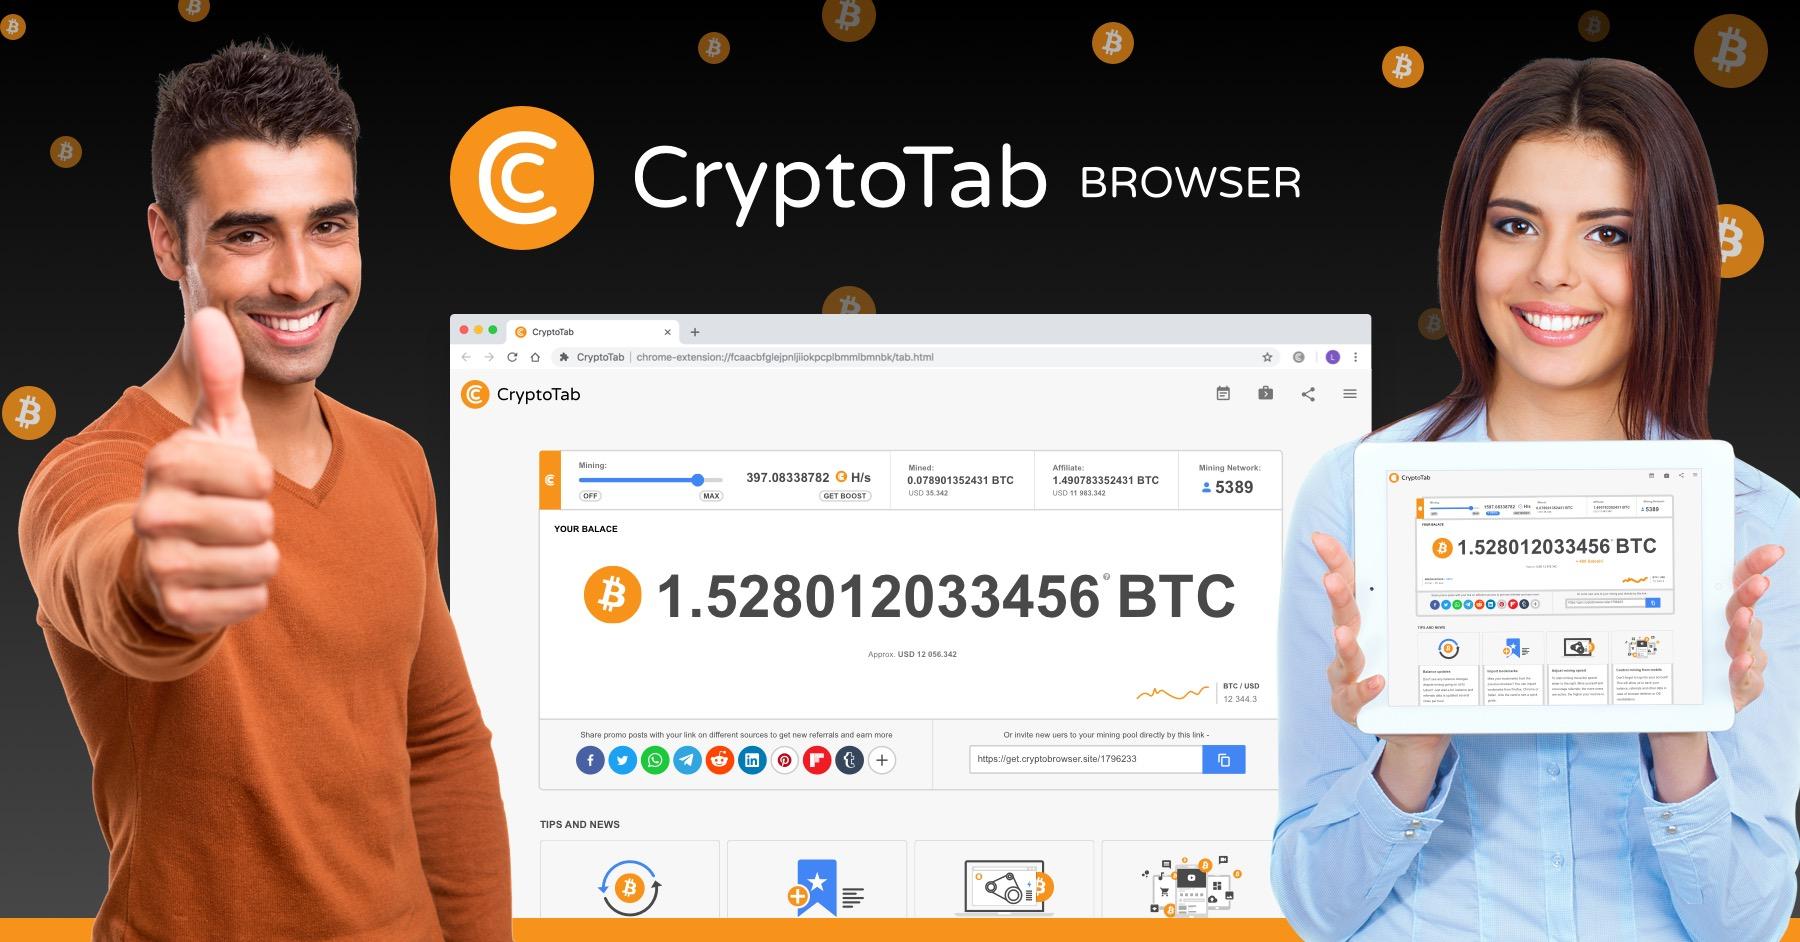 forex scalping tipps verdiene gratis bitcoin ohne investition